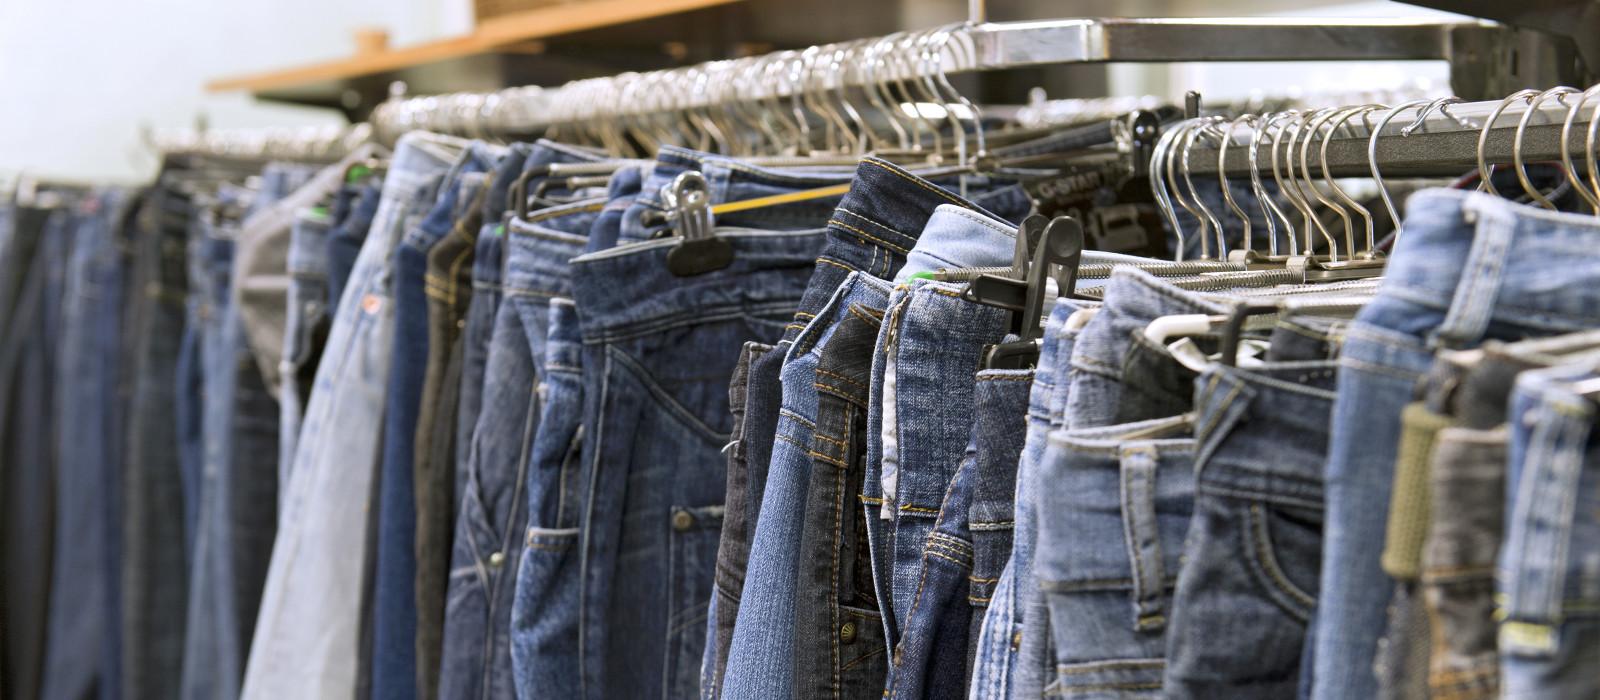 Ondertekening Denim Deal - mooie stap op weg naar verduurzaming textiel